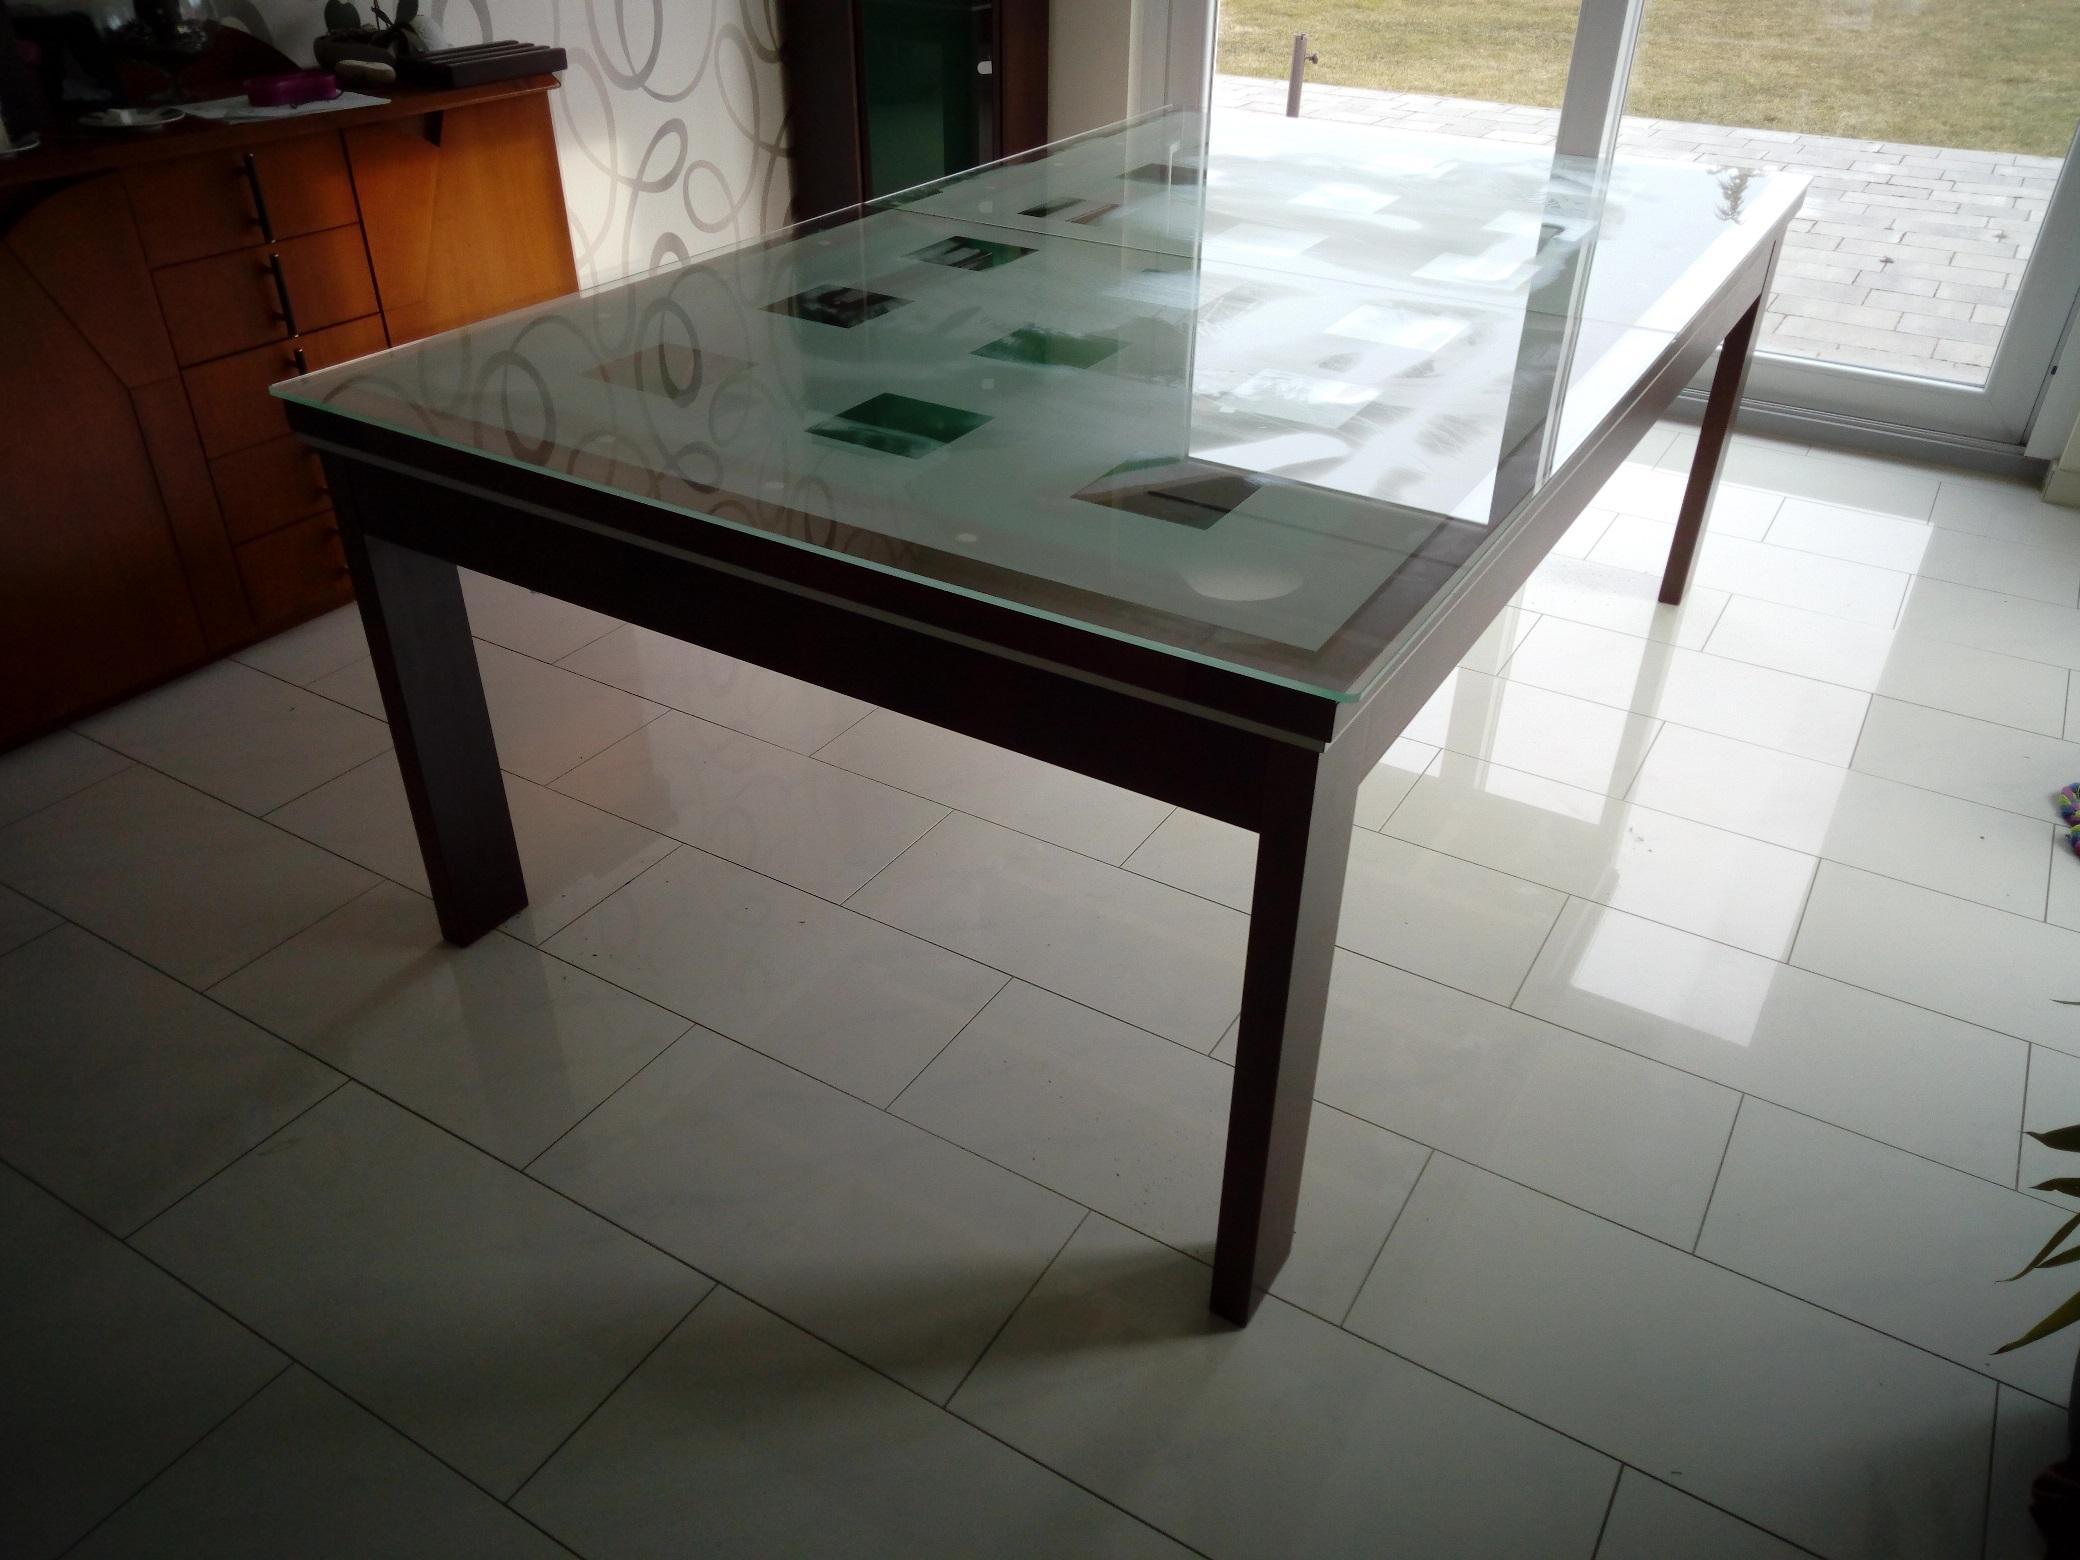 billardtisch california poolbillard esstisch kaufen. Black Bedroom Furniture Sets. Home Design Ideas